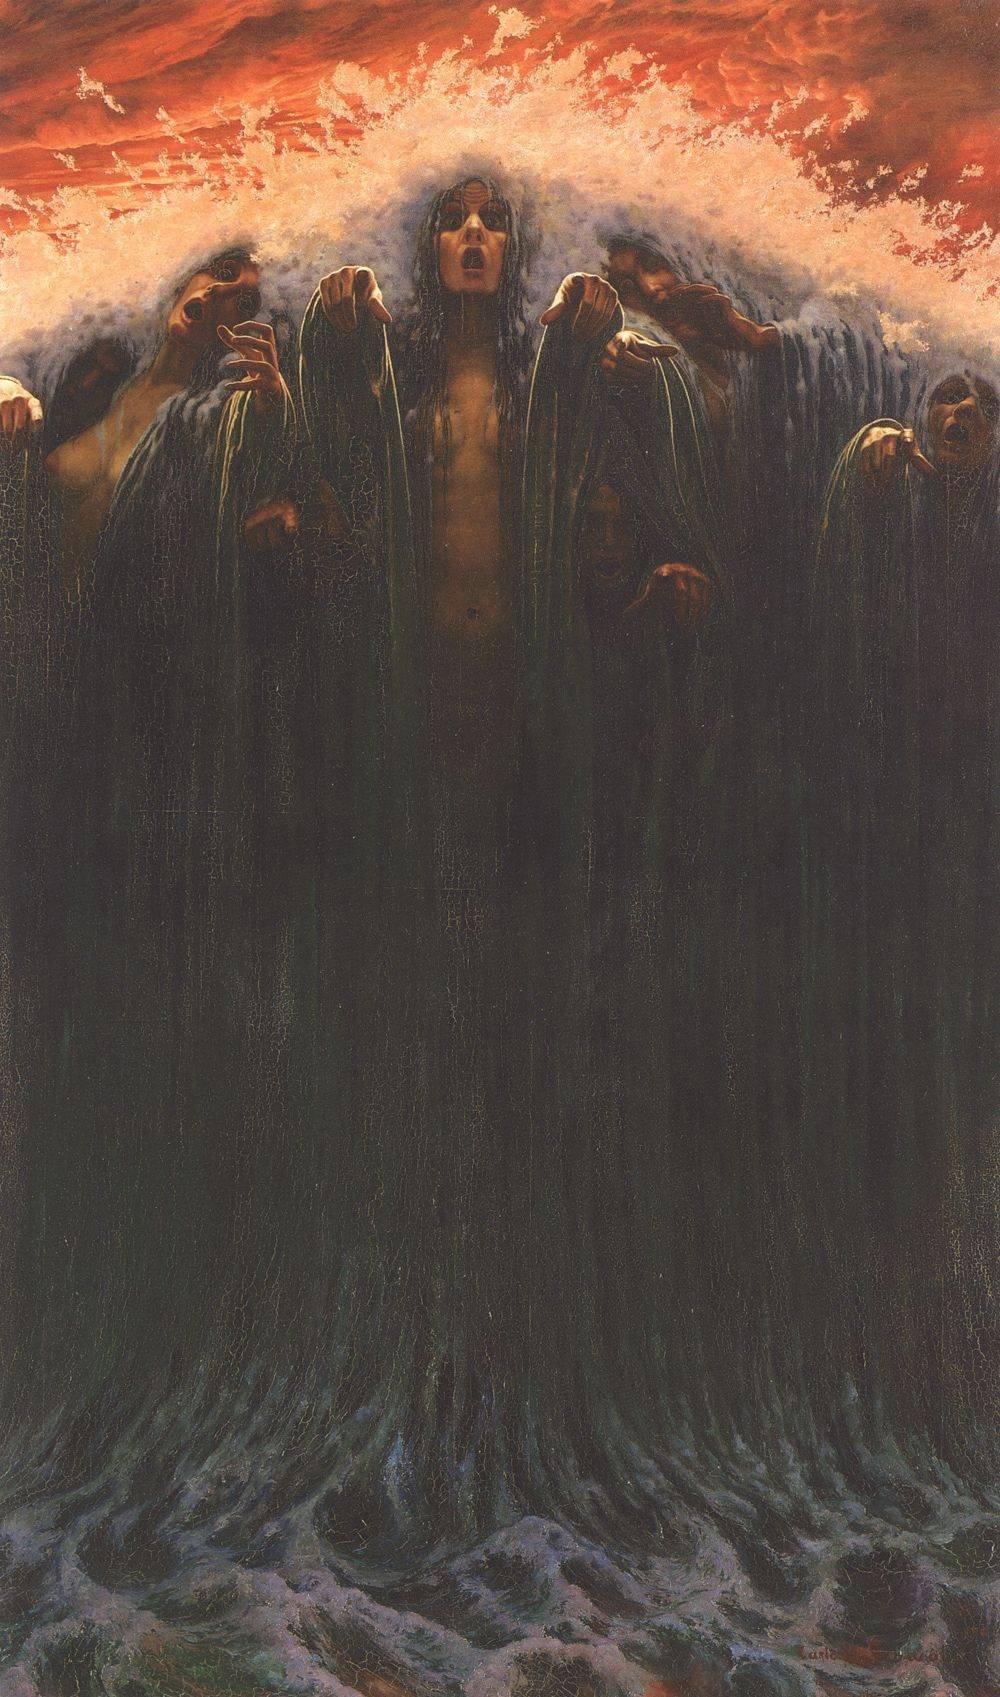 Carlos Schwabe, La Vague, 1907. Oil on canvas, 196 x 116 cm, Musée d'art et d'histoire, Geneve - [Public domain], via Wikimedia Commons